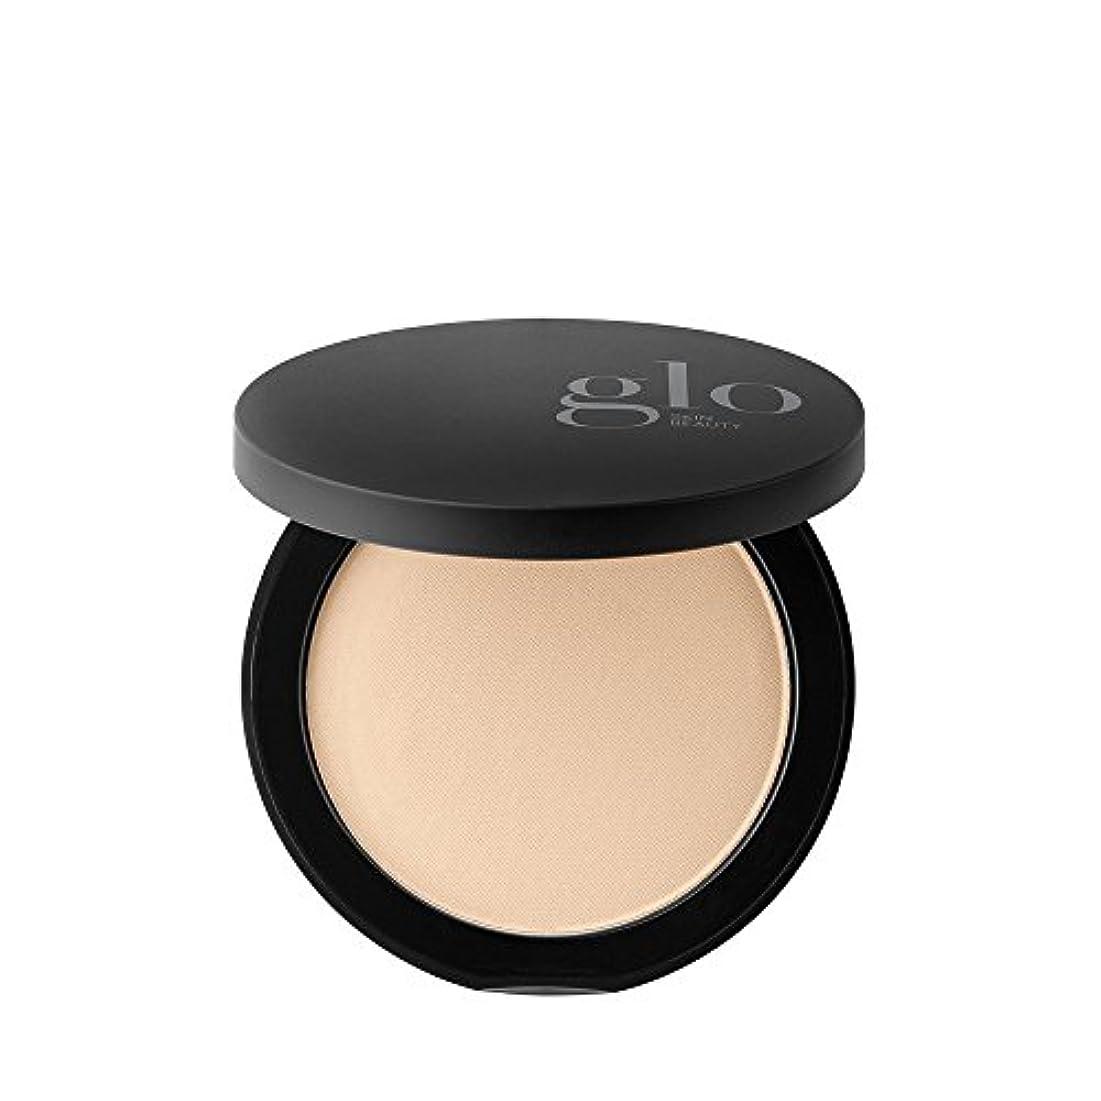 重要アダルト終点Glo Skin Beauty Pressed Base - # Natural Fair 9g/0.31oz並行輸入品